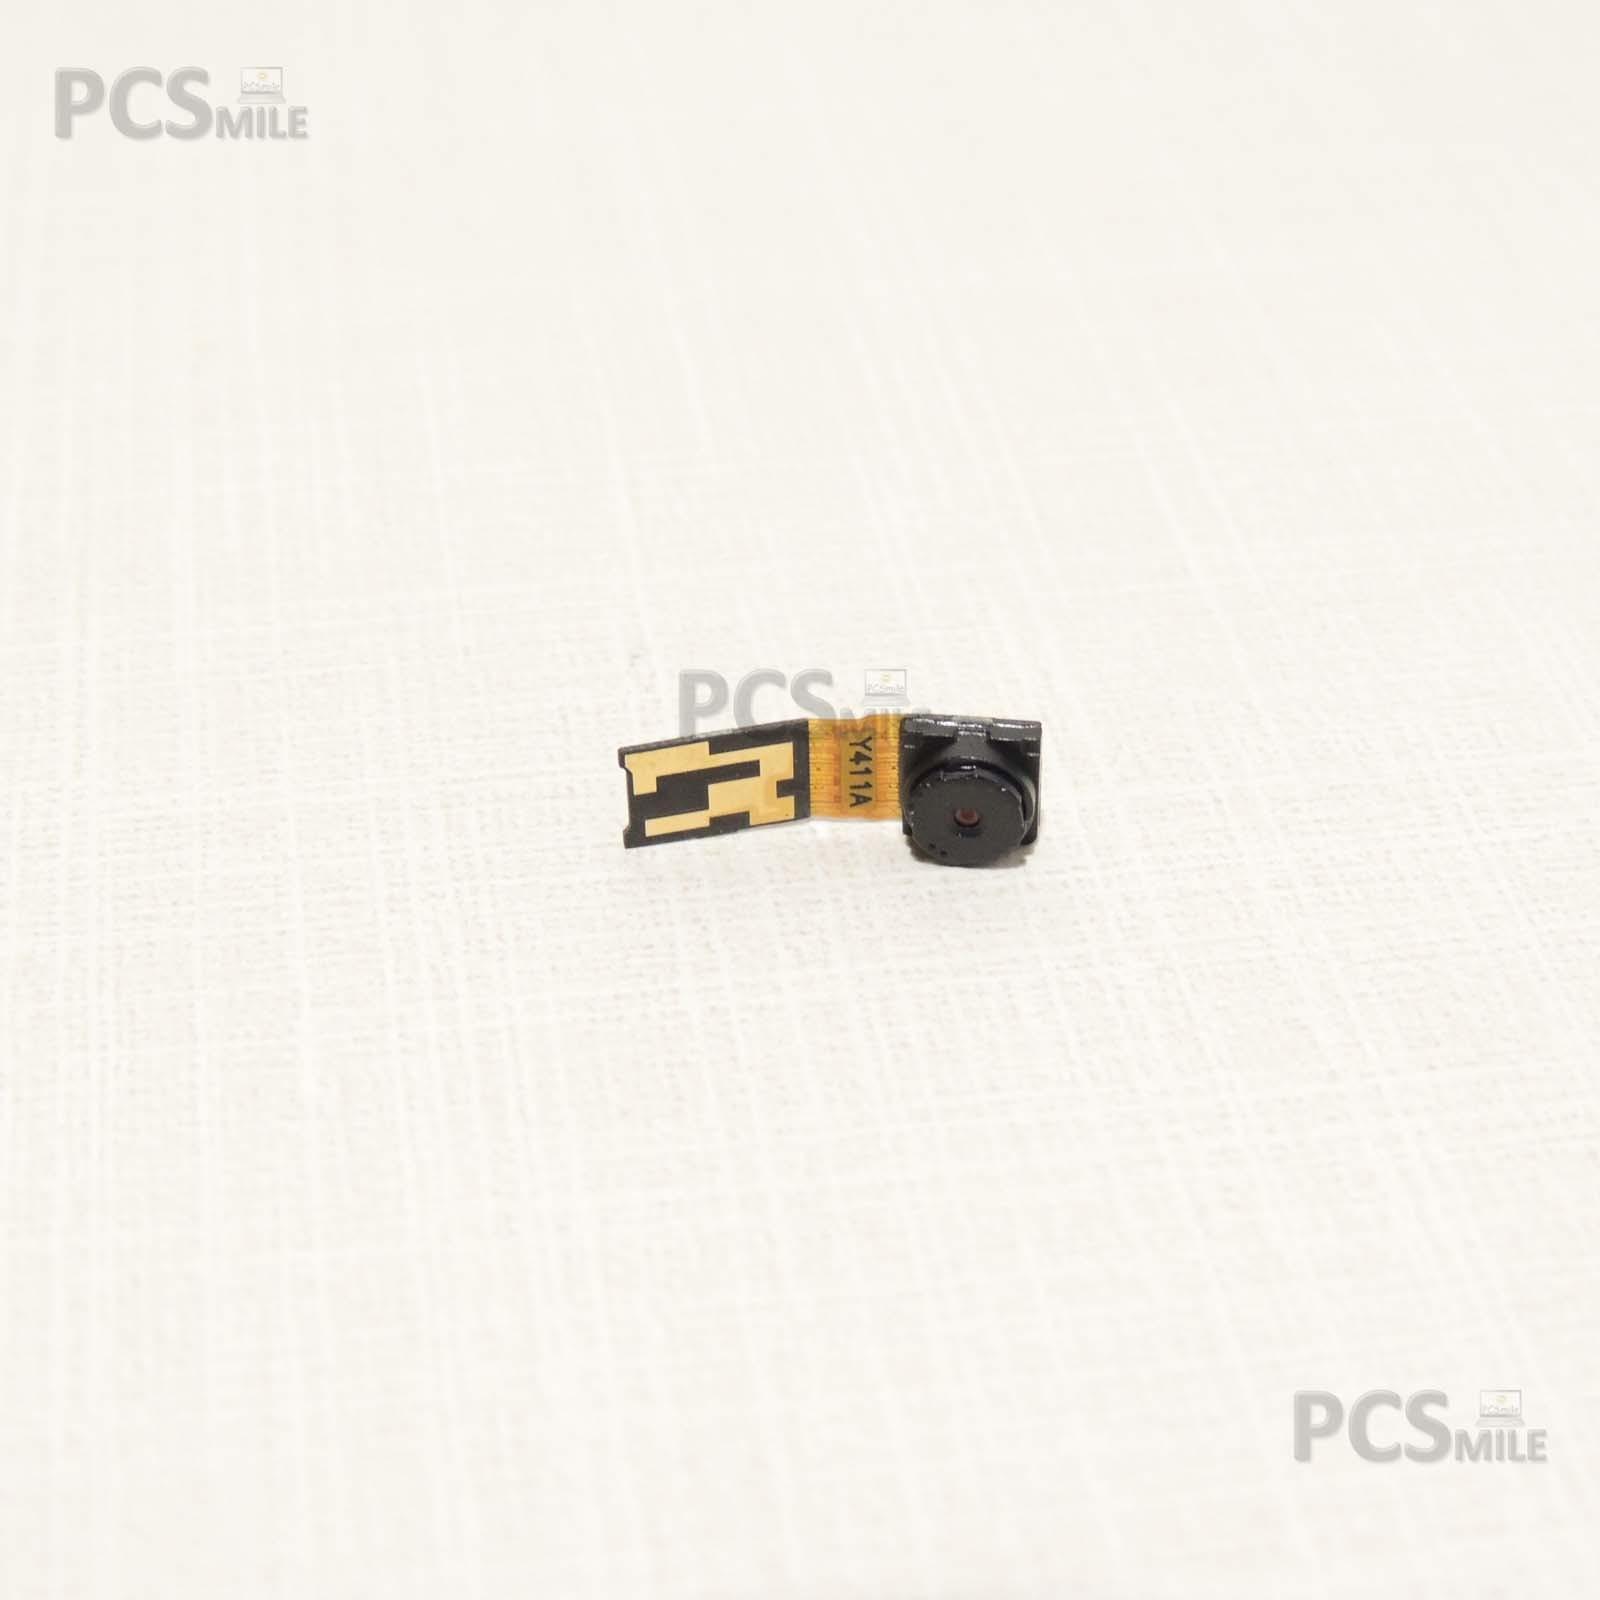 Fotocamera anteriore secondaria Nexus 4 LG-E960 Selfie camera interna Y411A